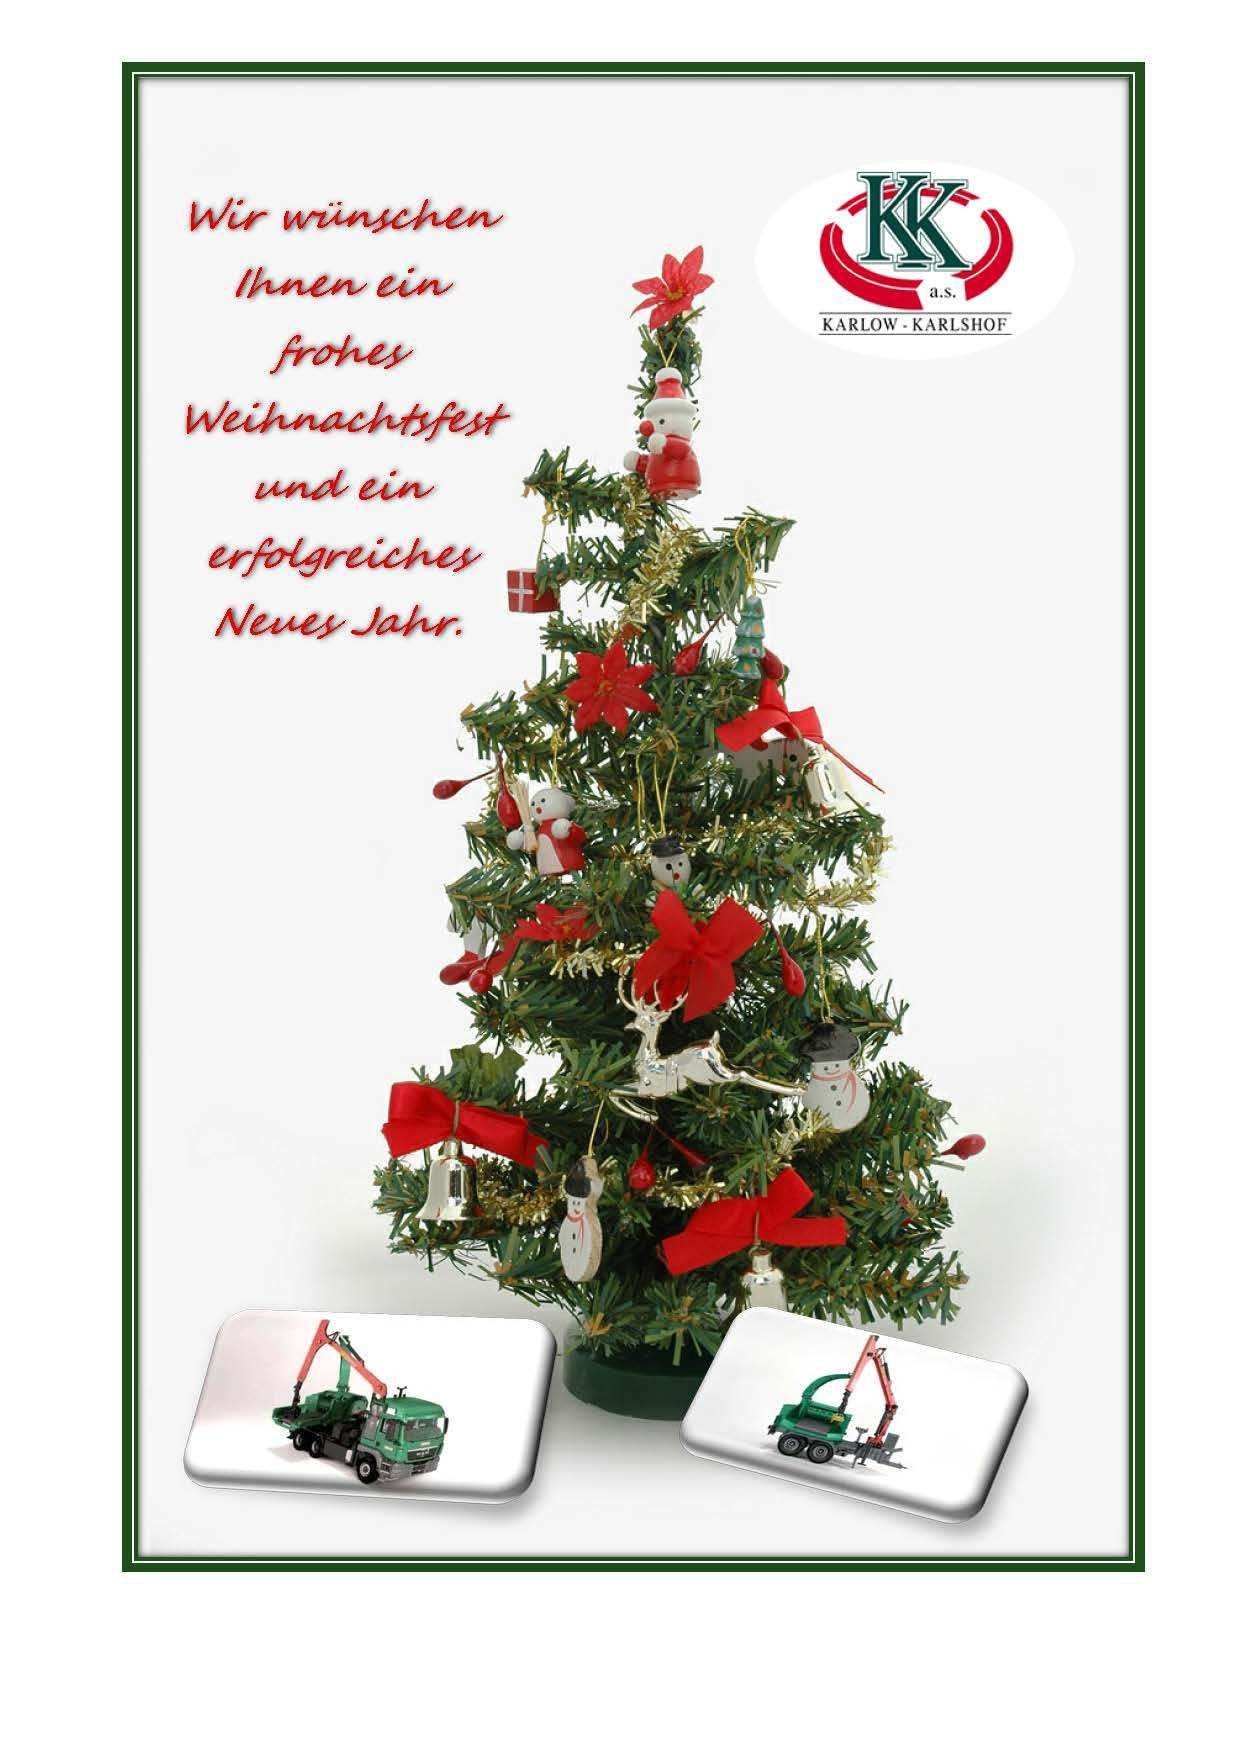 Weihnachtswunsch der Gesellschaft - karlowkarlshof